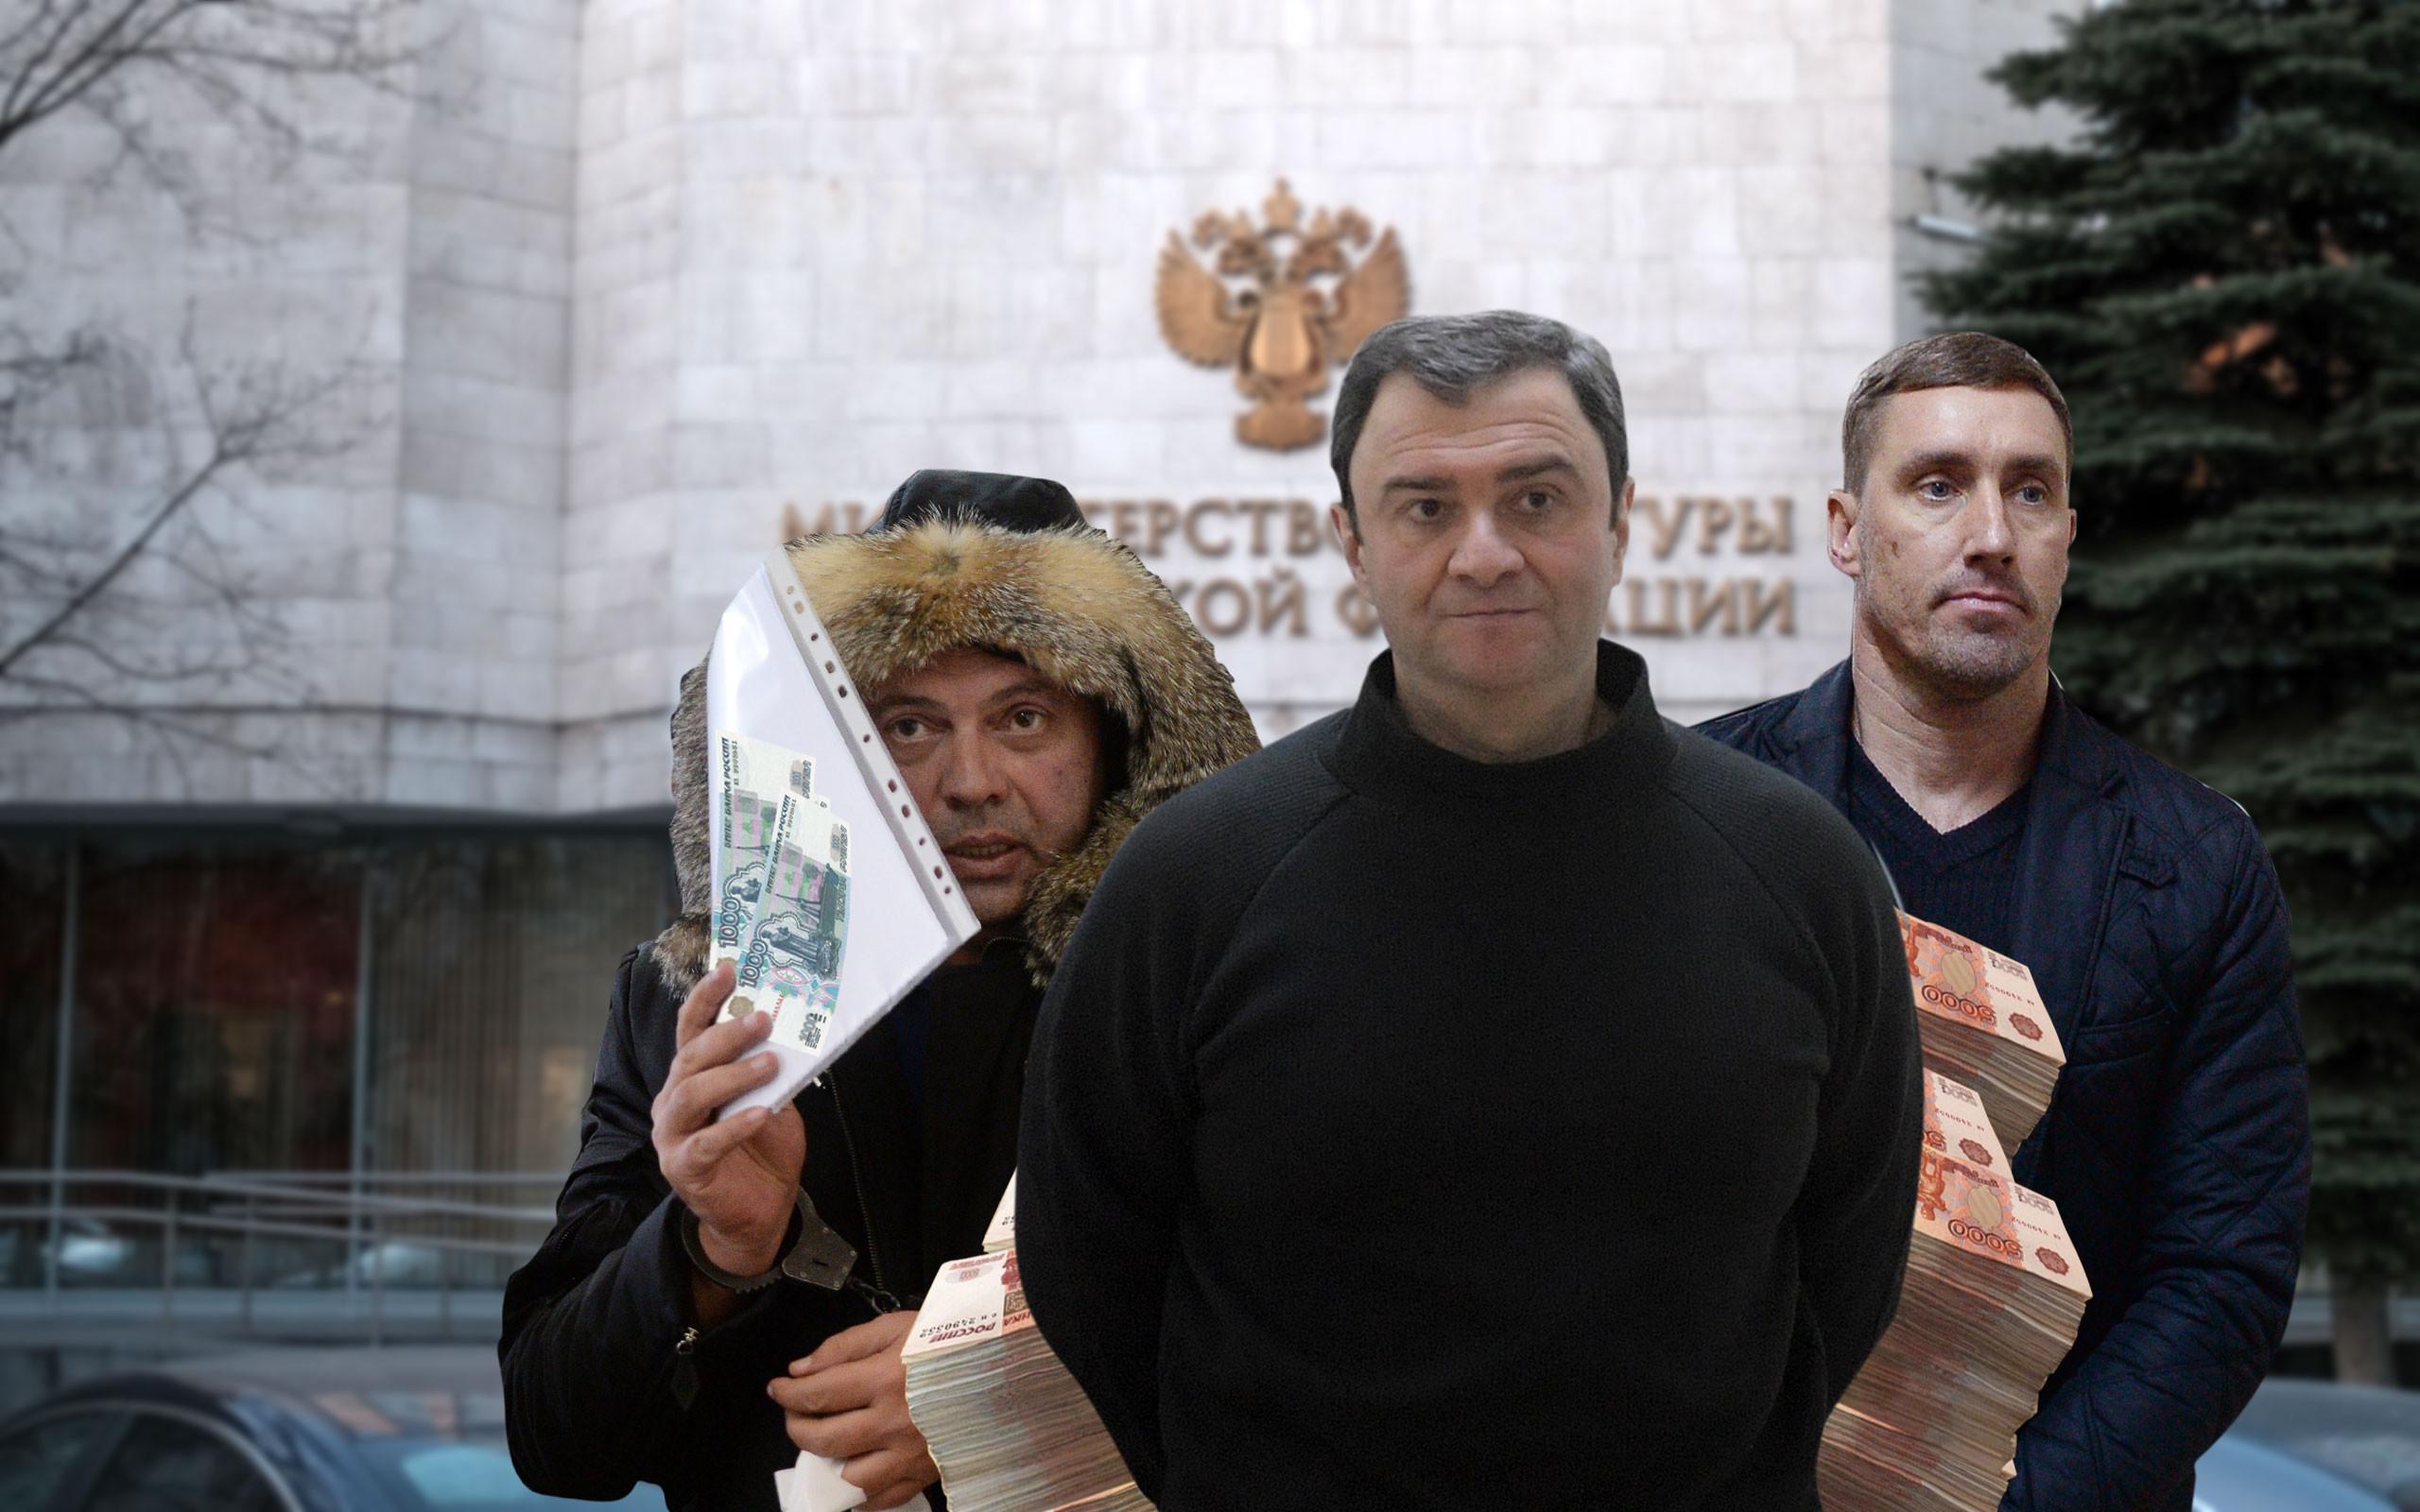 <p>Фото: &copy; РИА Новости/<span>Григорий Сысоев/Максим Блинов/Александр Вильф</span></p>